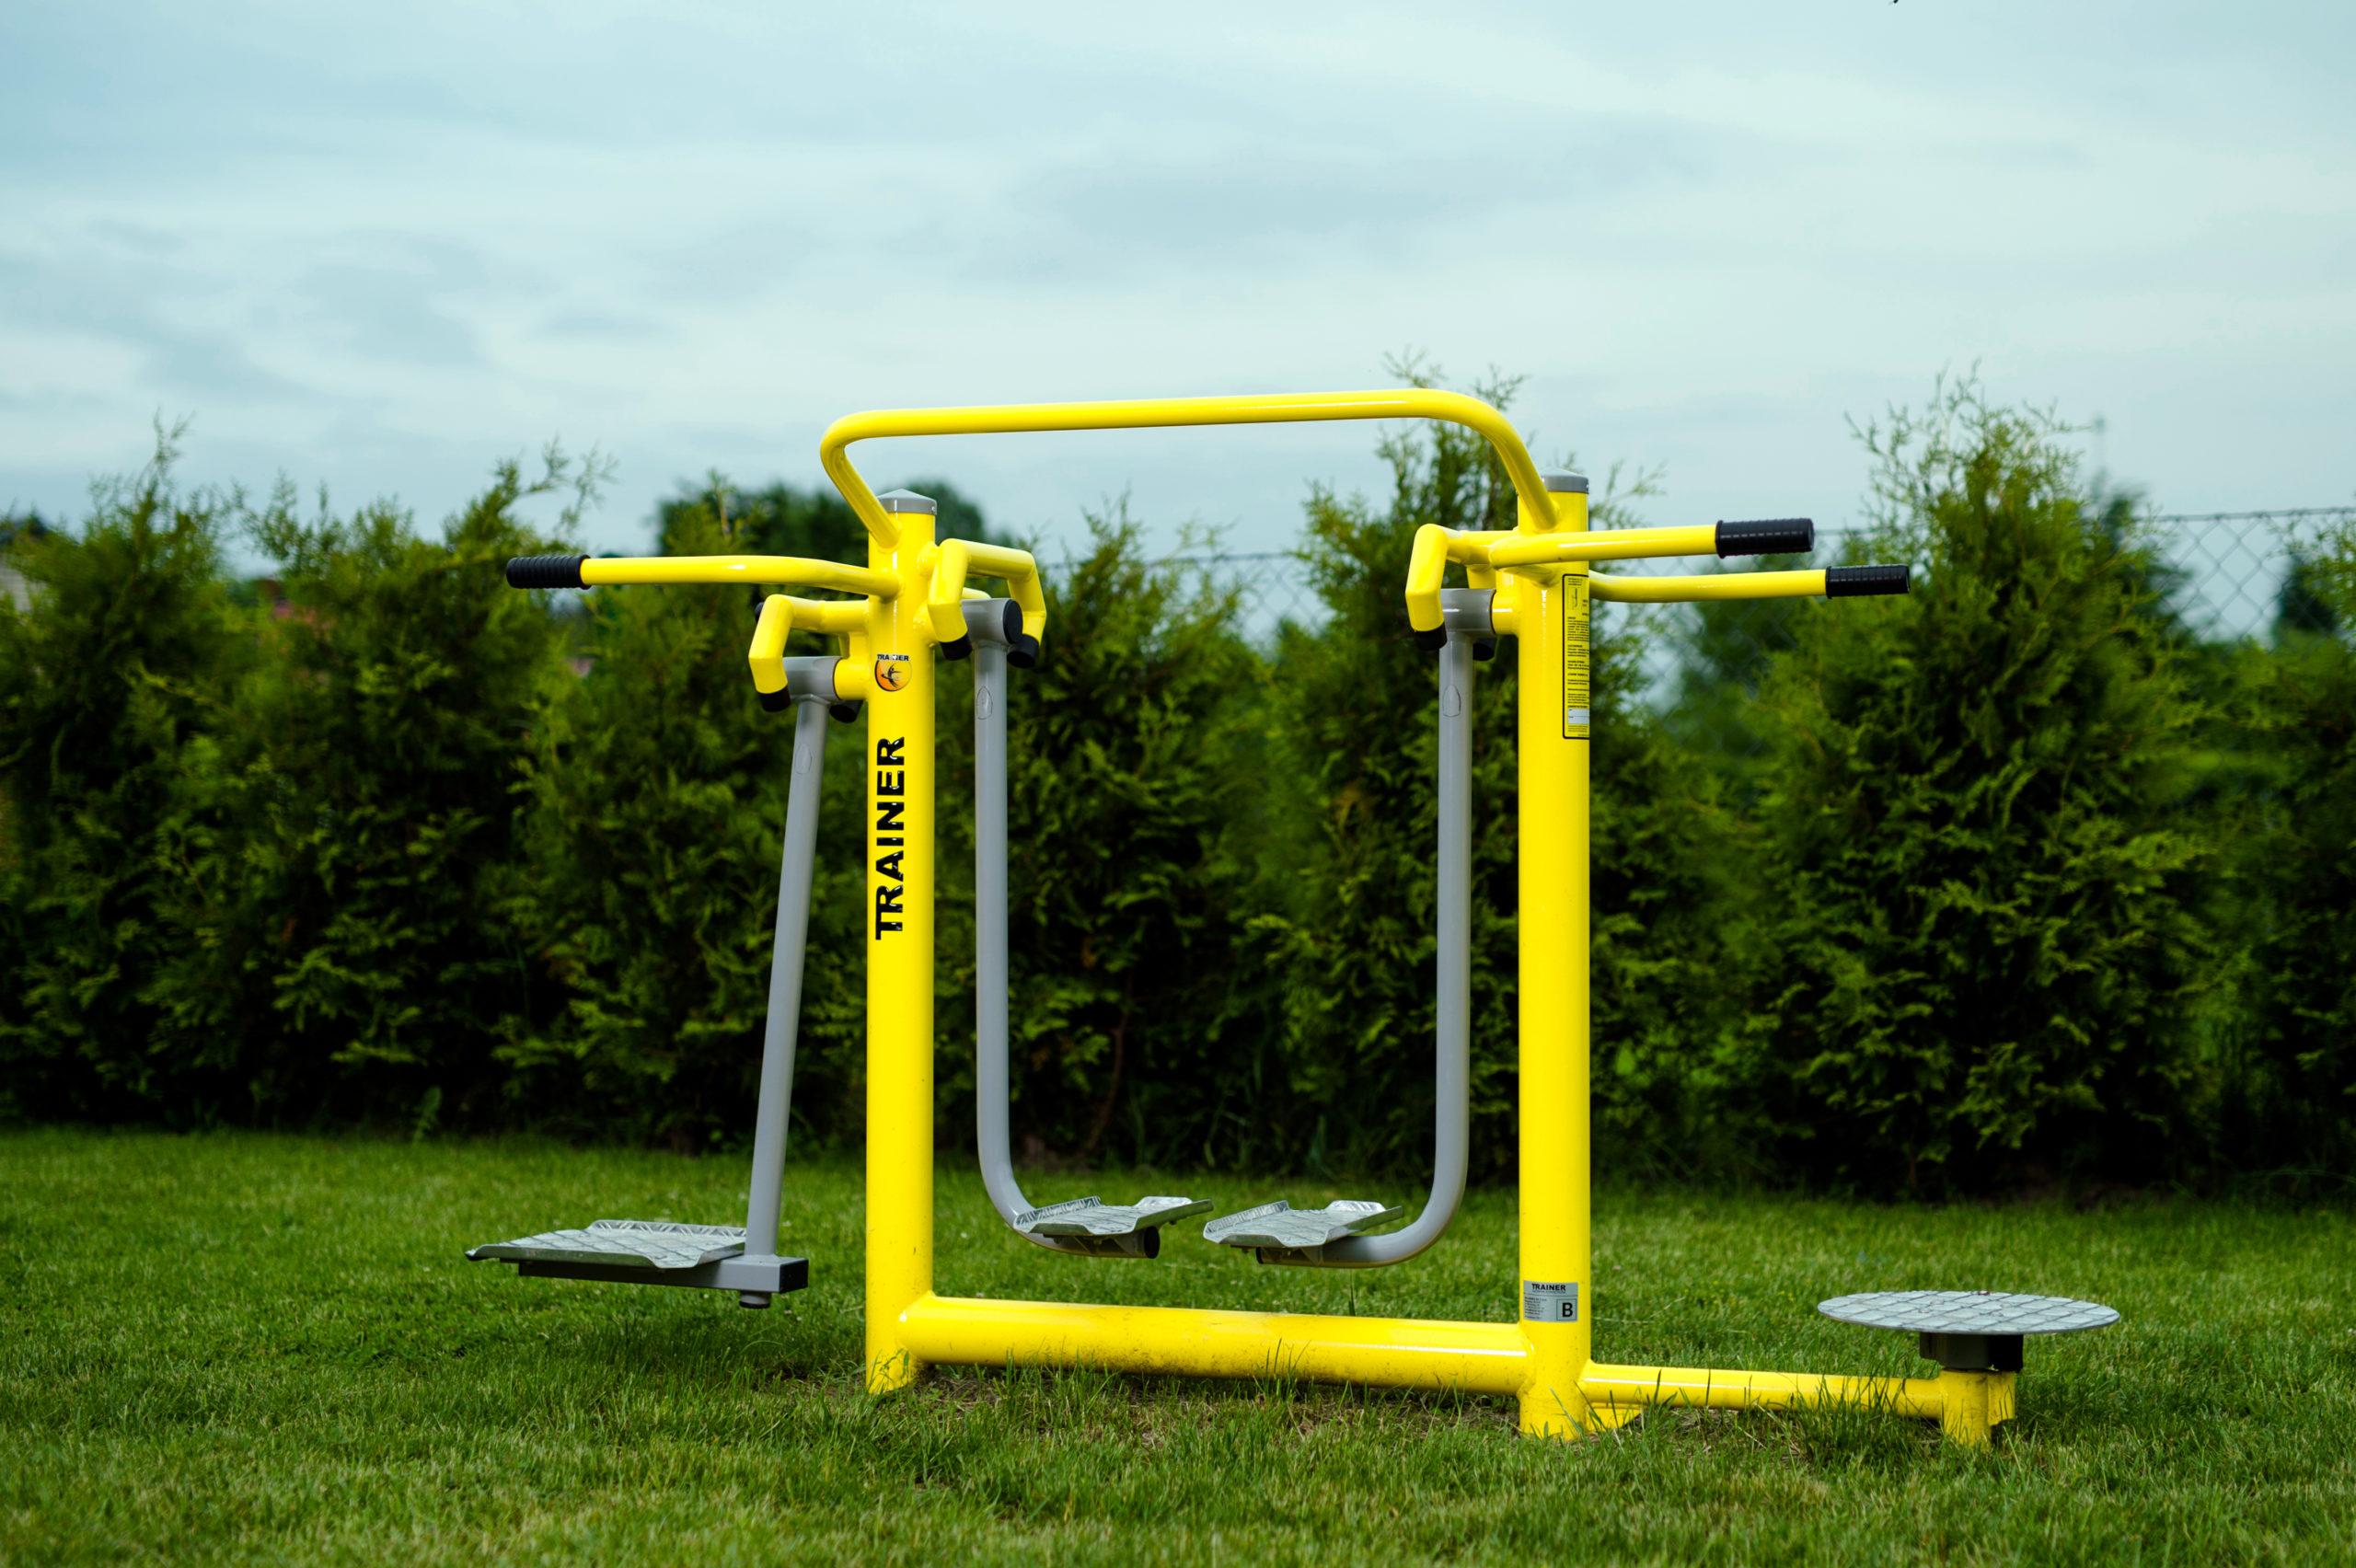 Dlaczego warto mieć siłownię zewnętrzną we własnym ogrodzie?